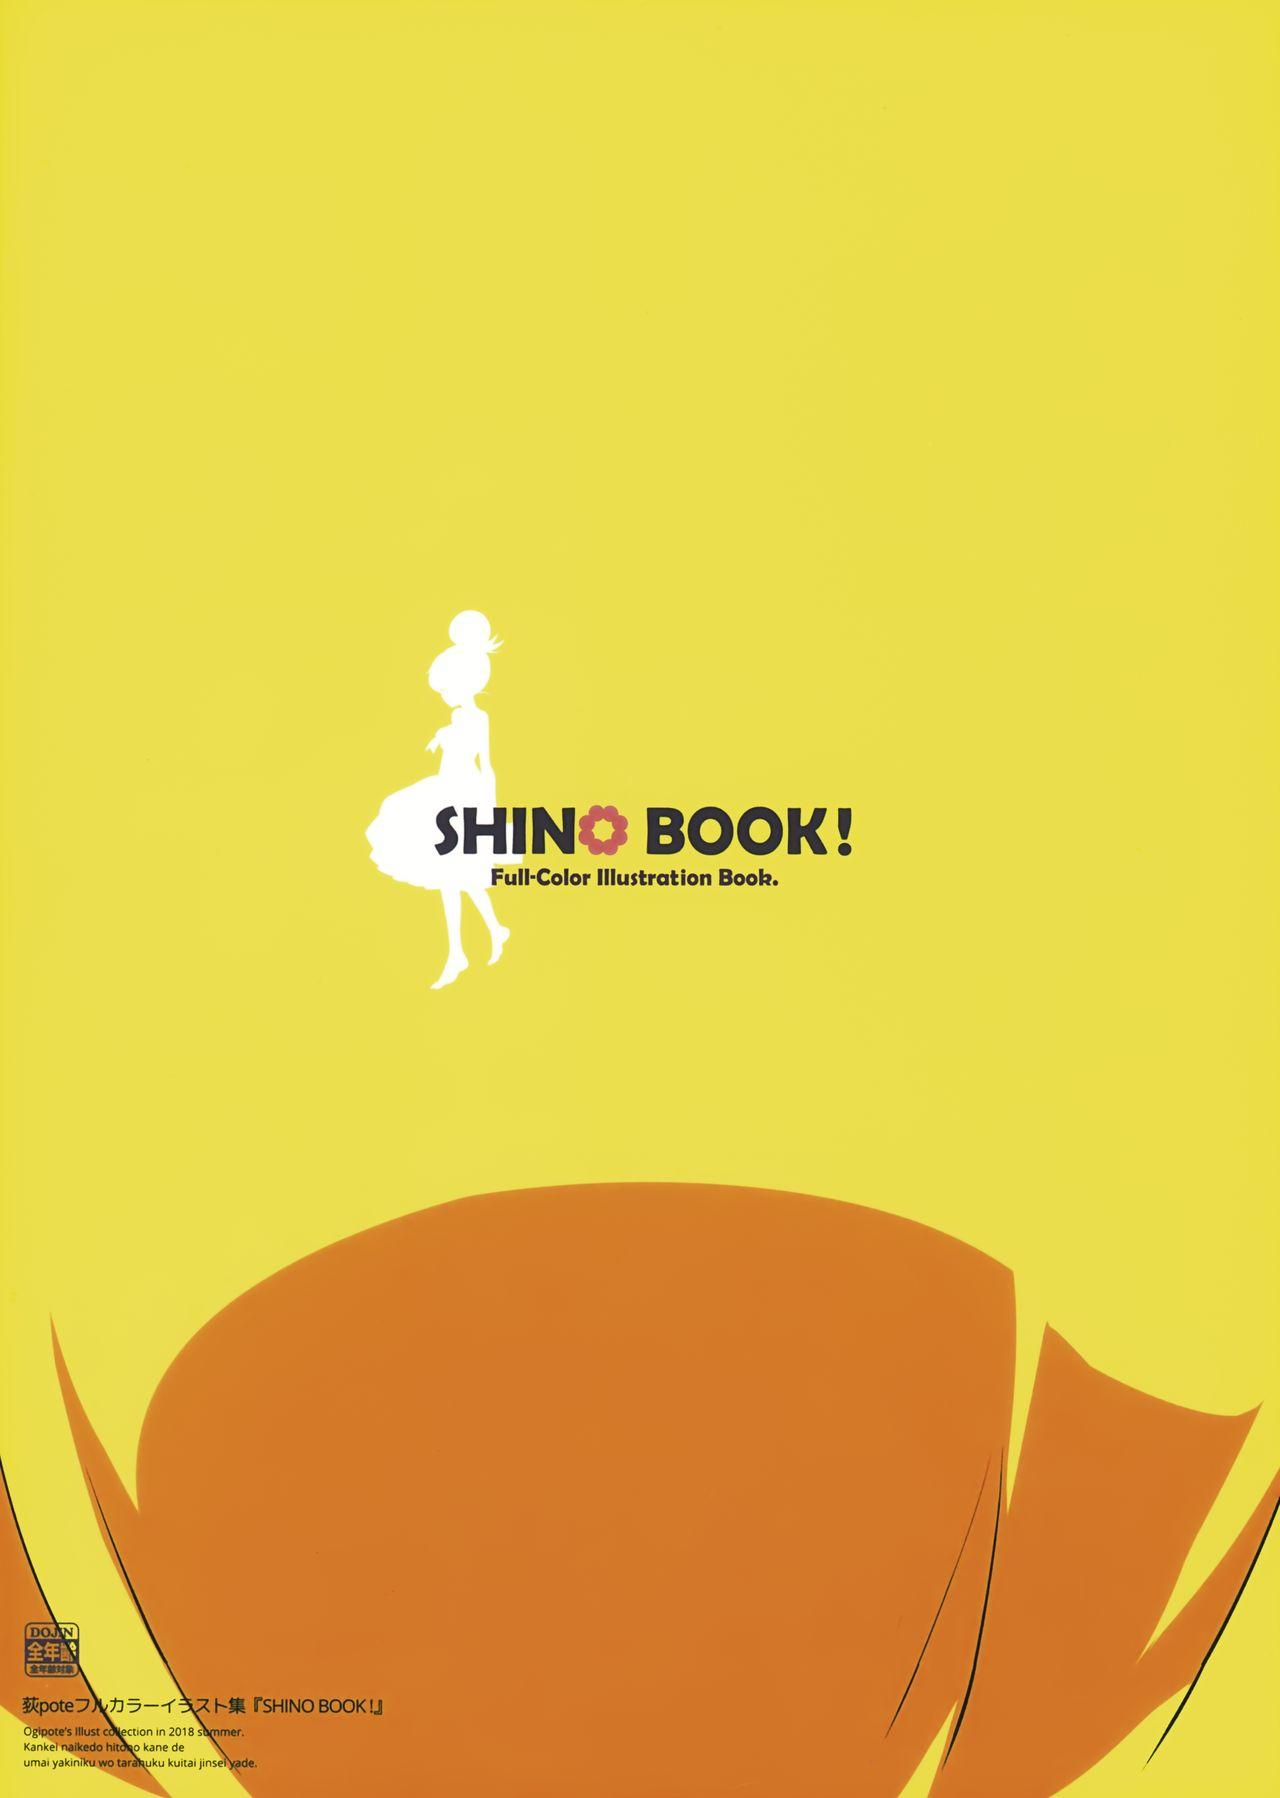 SHINO BOOK! 13